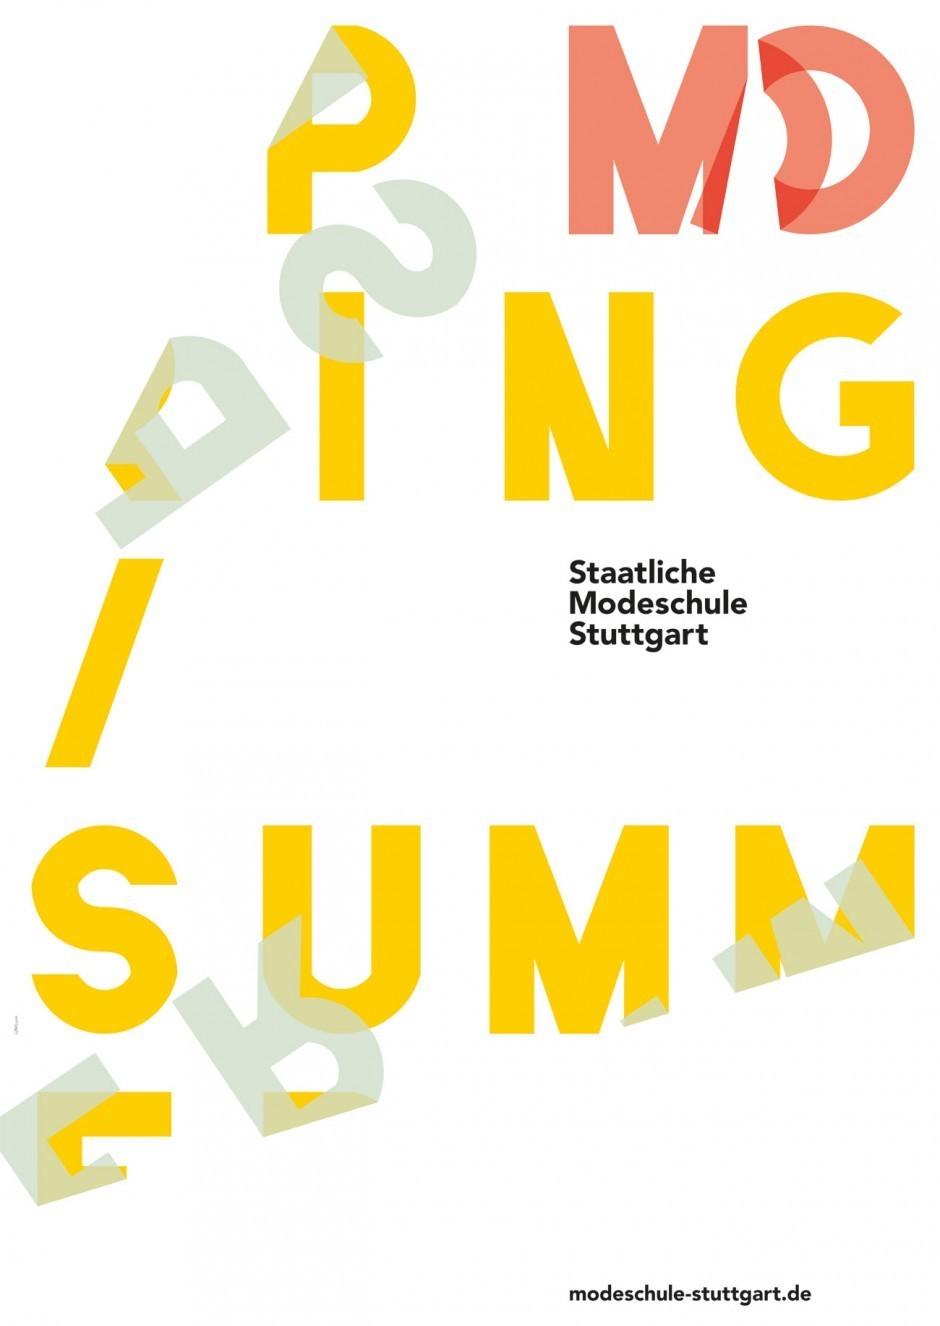 Plakatentwurf für die Modeschule Stuttgart